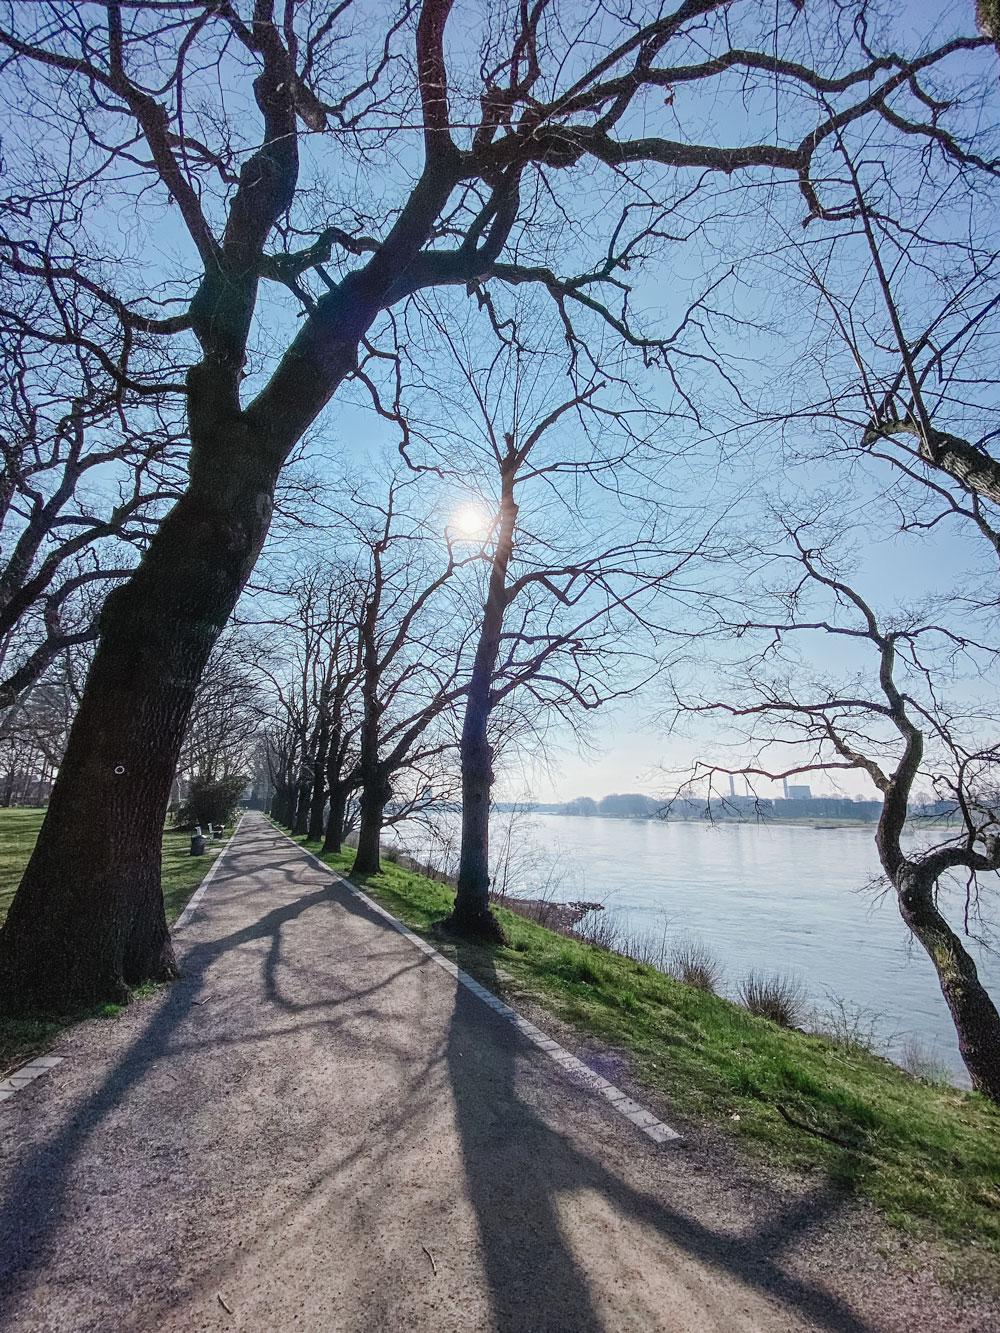 Rheinufer Stammheimer Schlosspark - Walk and Wonder